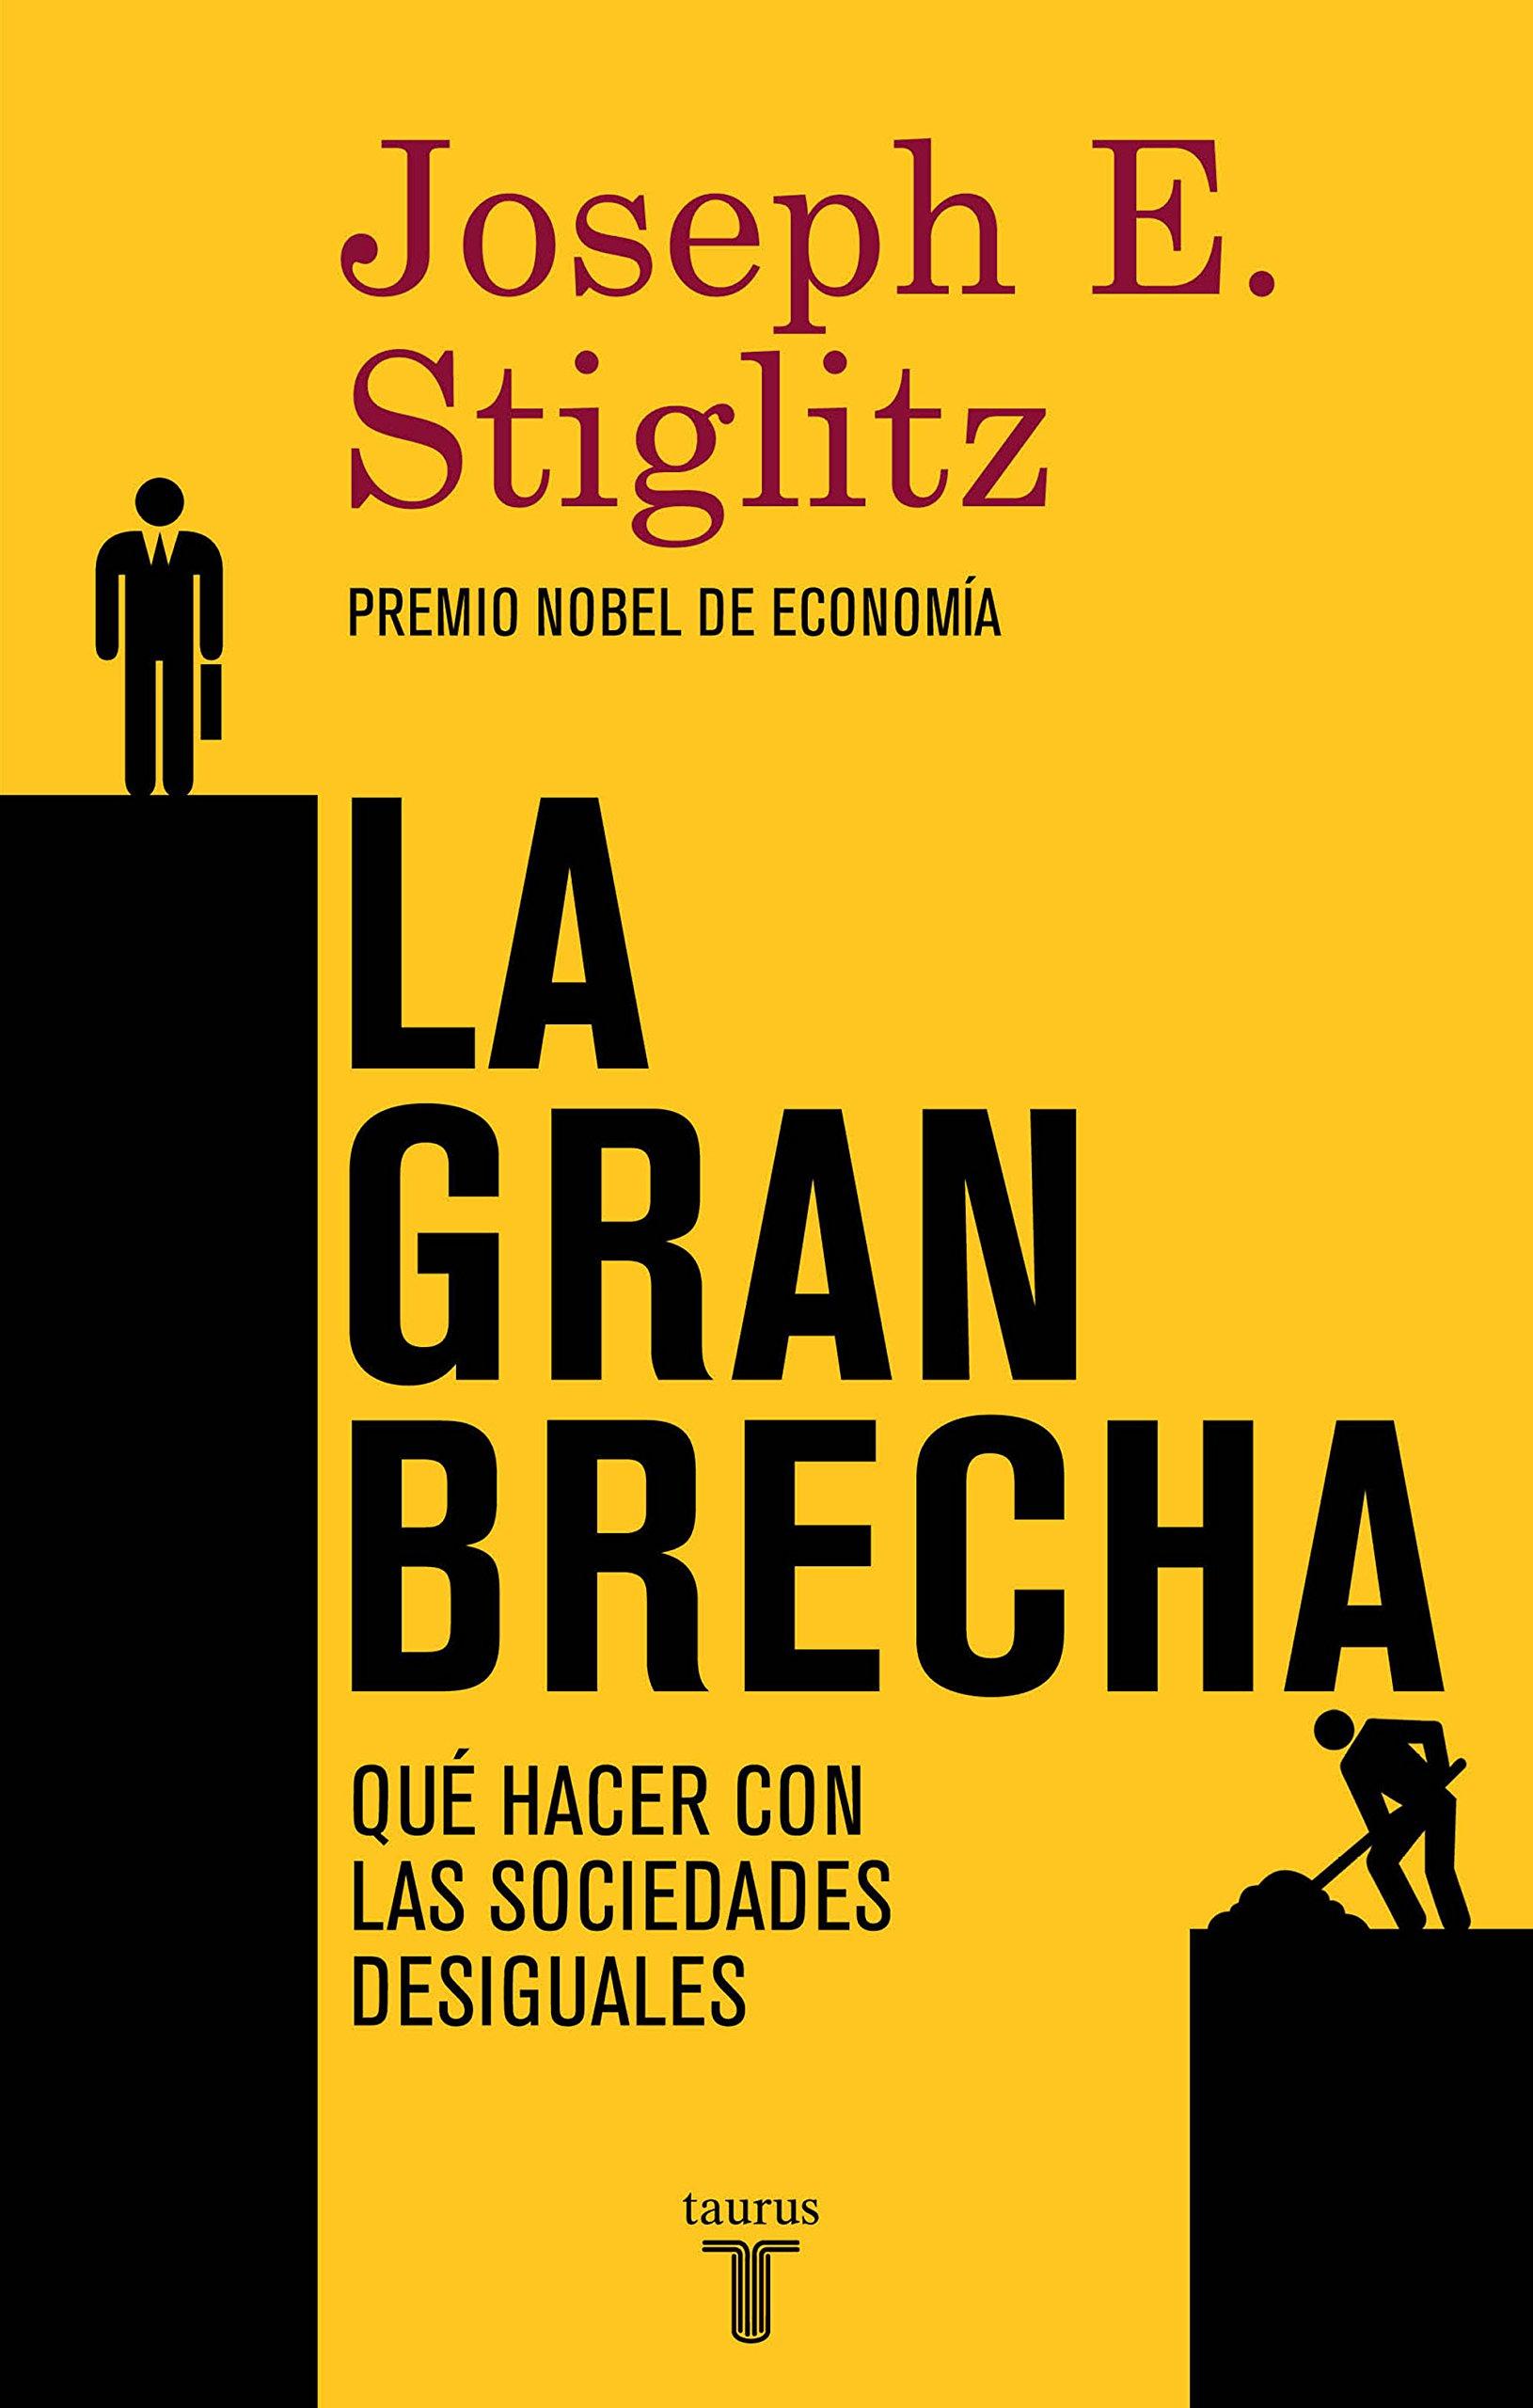 La gran brecha: Qué hacer con las sociedades desiguales (Spanish Edition)